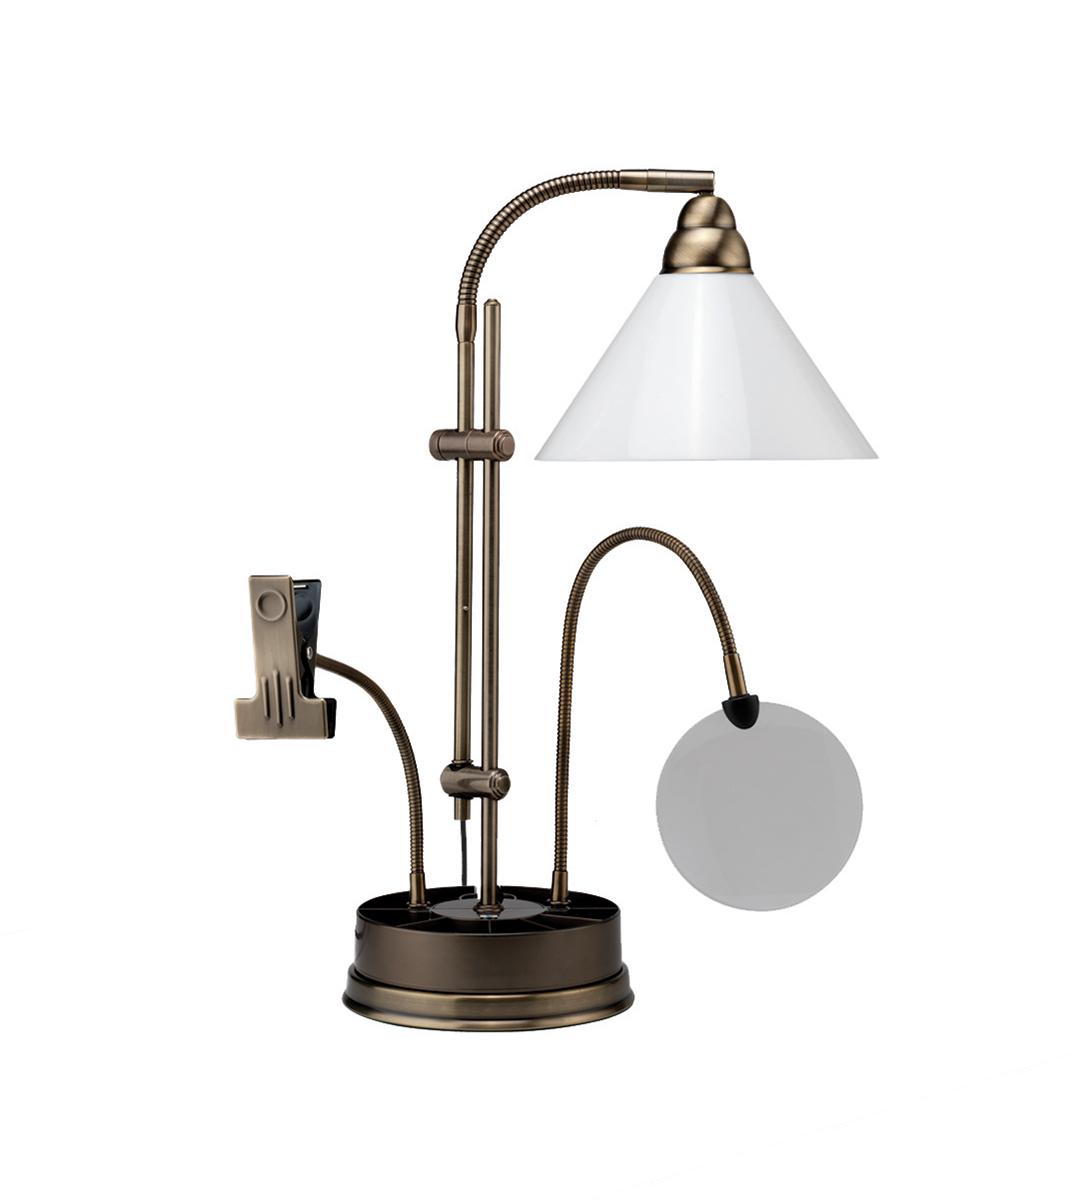 Лампа настольная Daylight. E21038 (D21038)E21038 (D21038)Настольная лампа для рукоделия (медь). В комплекте: лампа 20W дневного света энергосберегающая, эквивалентная 100W; подставка-органайзер; лупа - 13 см диаметр, увеличение 1,75; держатель схемы для вышивки Материал: пластик, металл